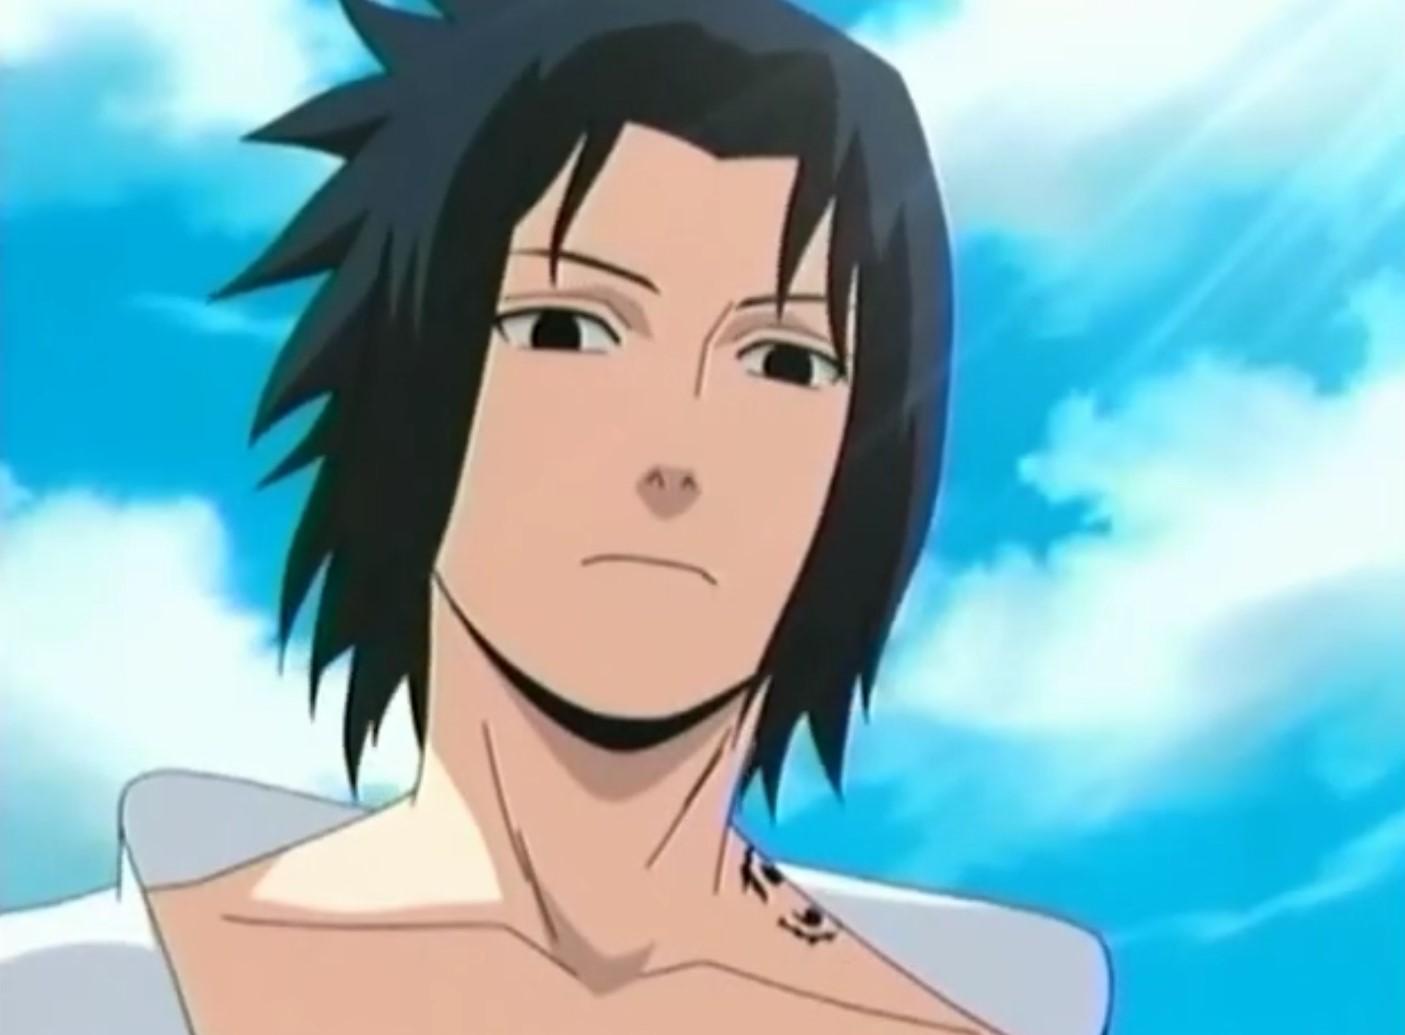 Naruto Shippuden Episódio 51-52, Assistir Naruto Shippuden Episódio 51-52, Assistir Naruto Shippuden Todos os Episódios Legendado, Naruto Shippuden episódio 51-52,HD